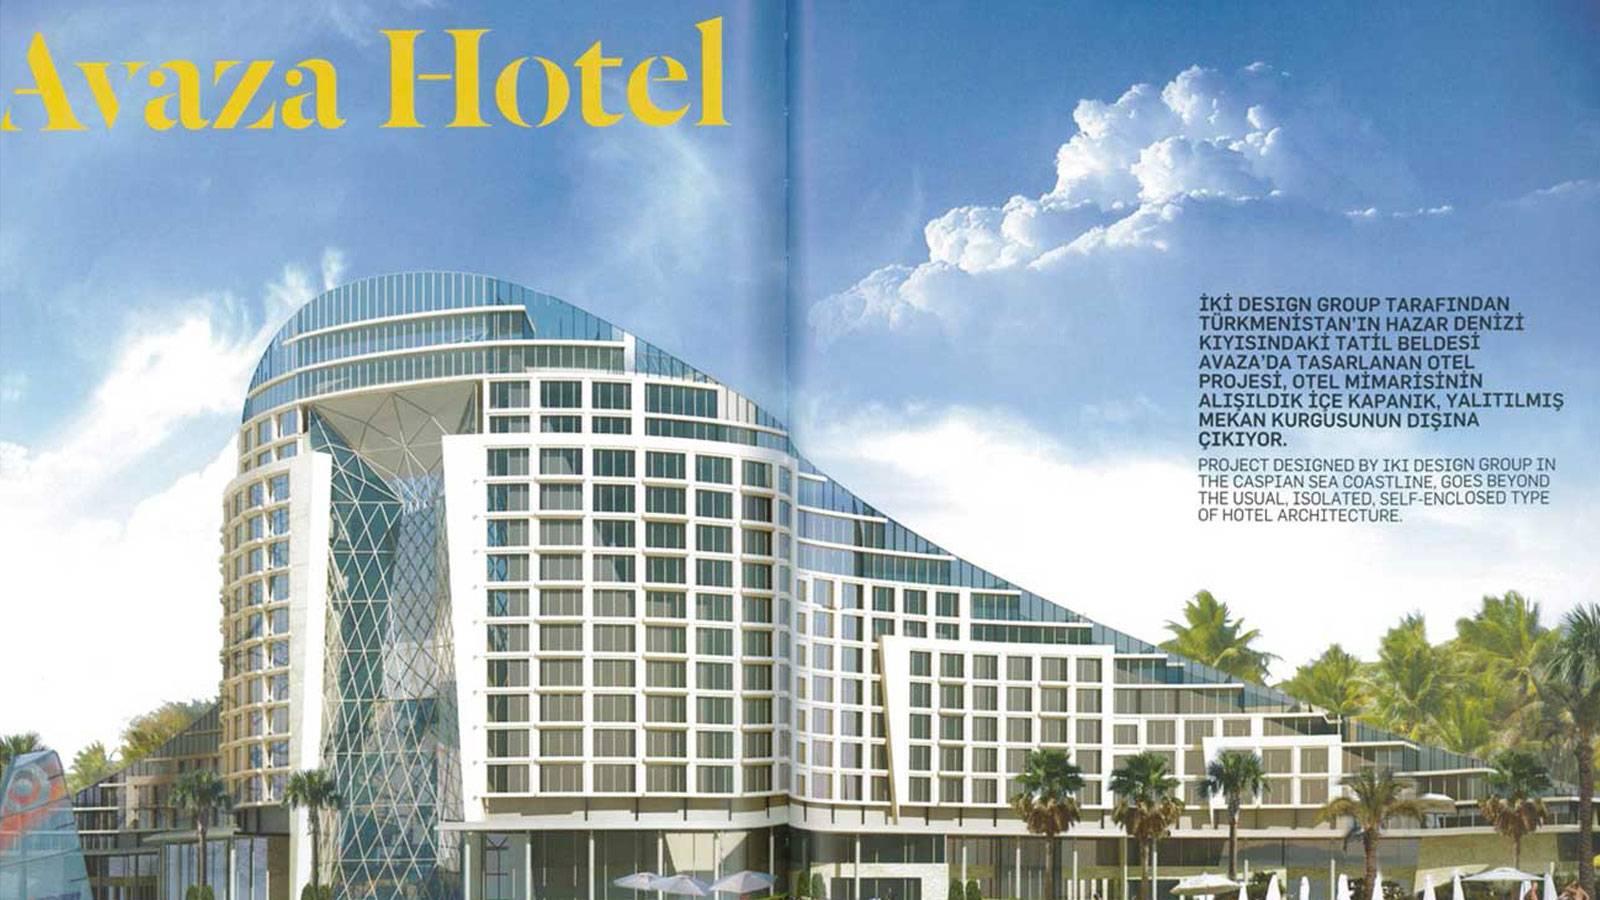 05.07.2013 Tasarım presents the Avaza Hotel Project